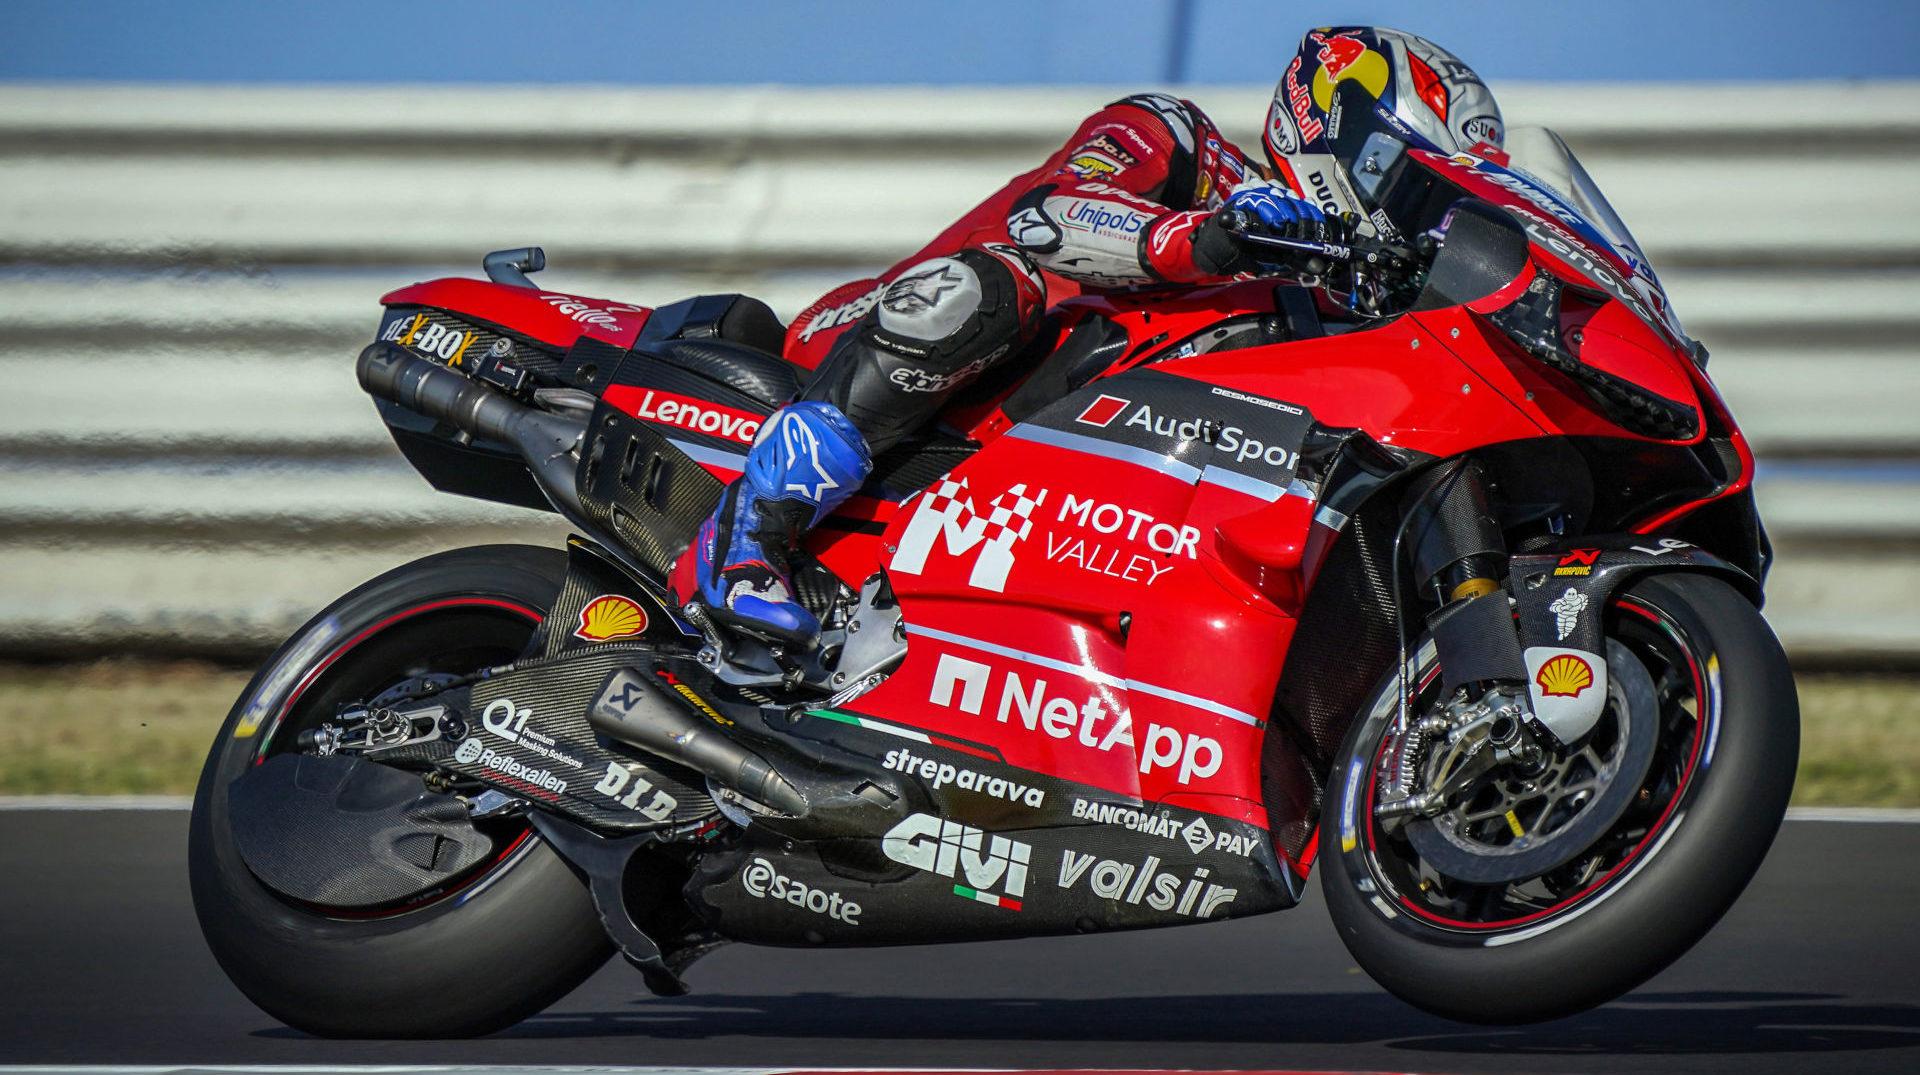 Andrea Dovizioso (04) with the Motor Valley Development Association logo on his Ducati Desmosedici GP20 at Misano. Photo courtesy Ducati.